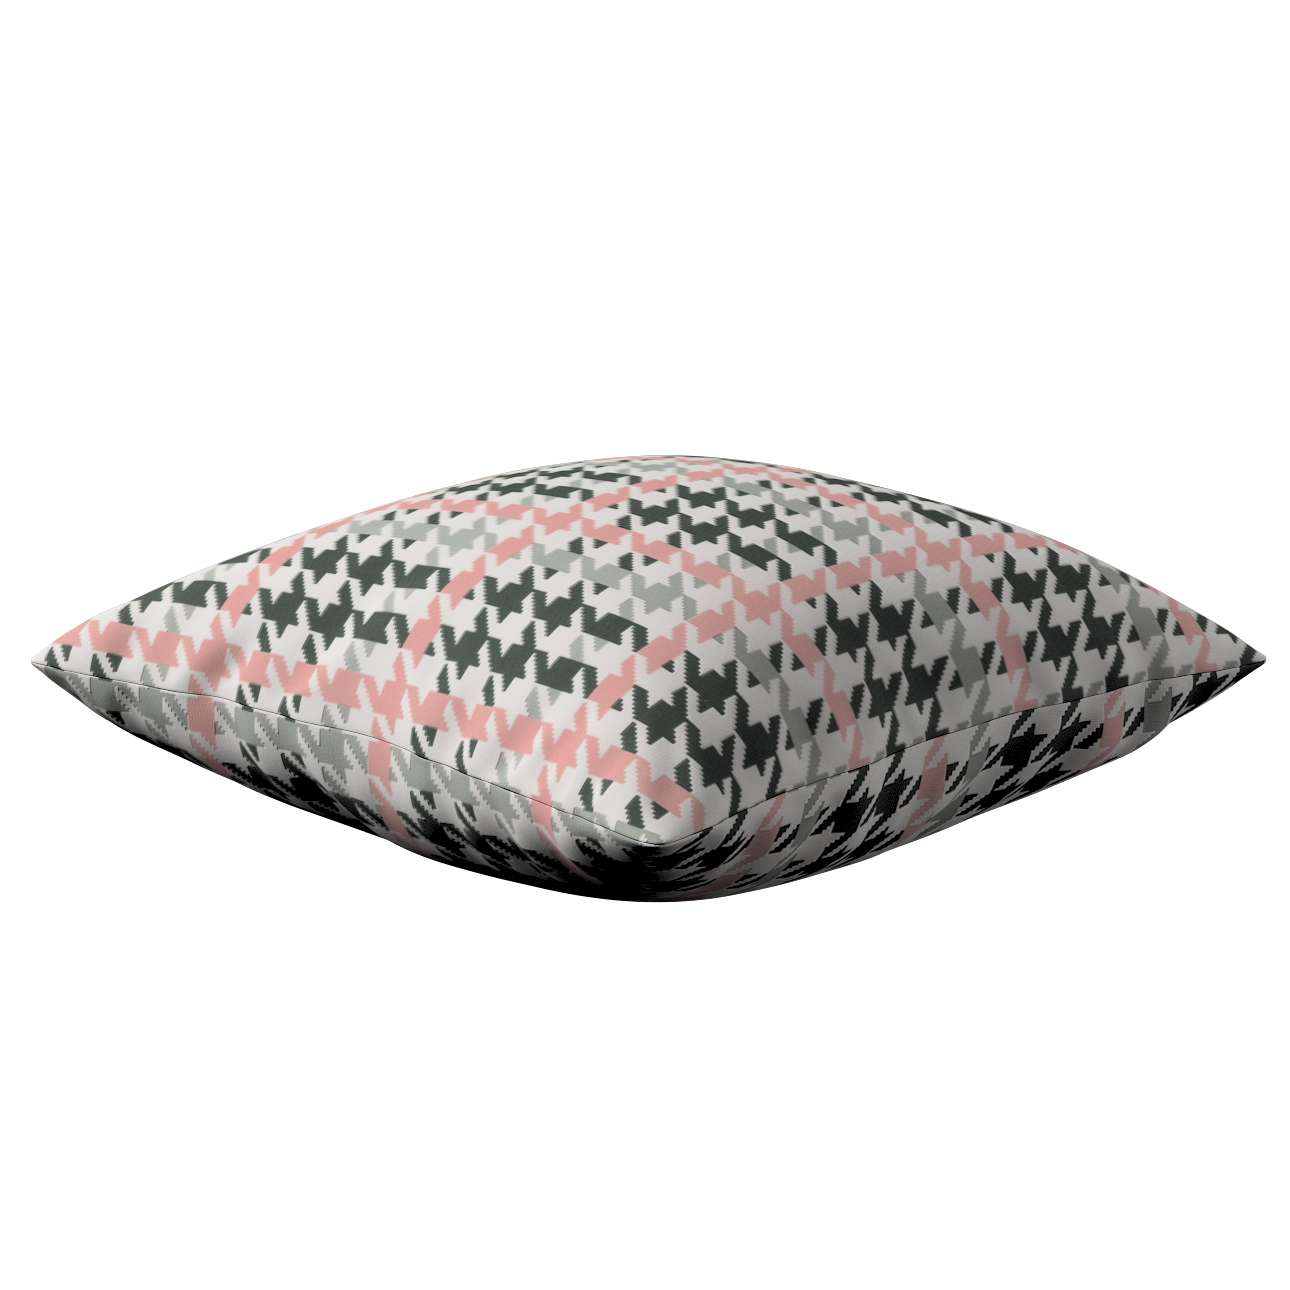 Kinga dekoratyvinės pagalvėlės užvalkalas 43 x 43 cm kolekcijoje Brooklyn, audinys: 137-75